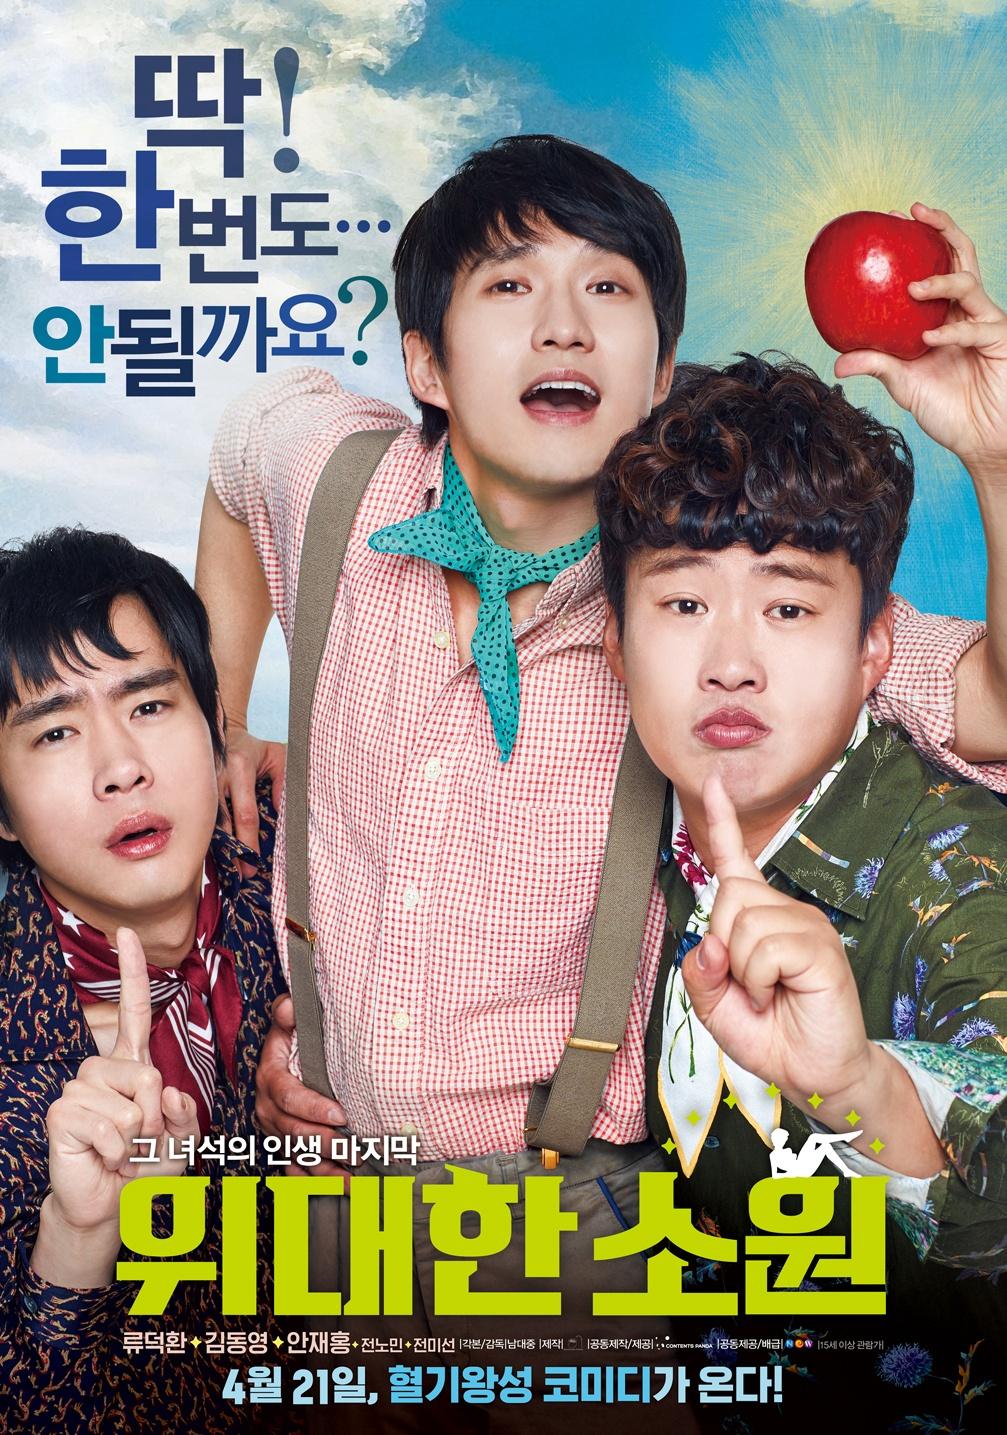 悠悠MP4_MP4电影下载_[伟大的愿望][WEB-MKV/3.51GB][国语音轨][1080P][喜剧,韩国,搞笑,青春,韩国电影,温情]